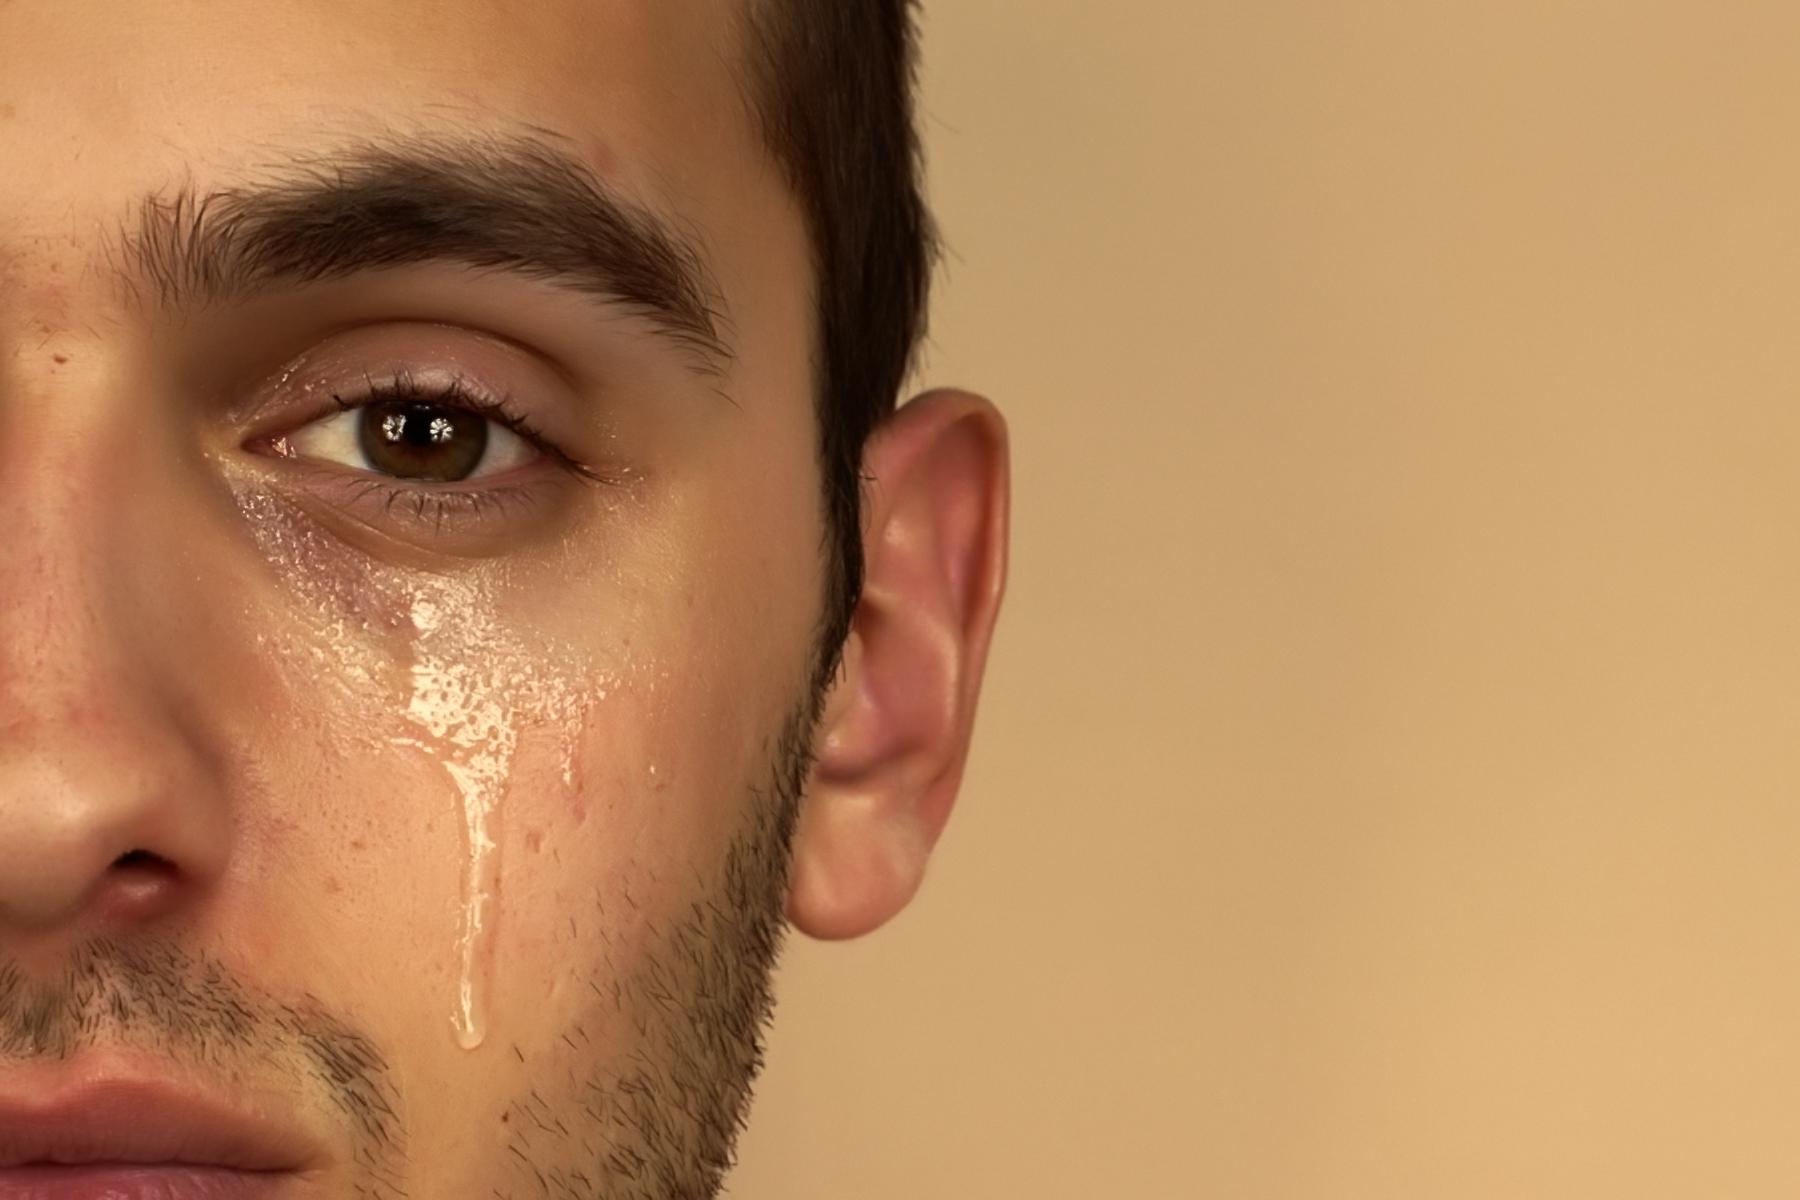 Bóc mẽ thói ghen ngầm ở đàn ông - Ảnh 1